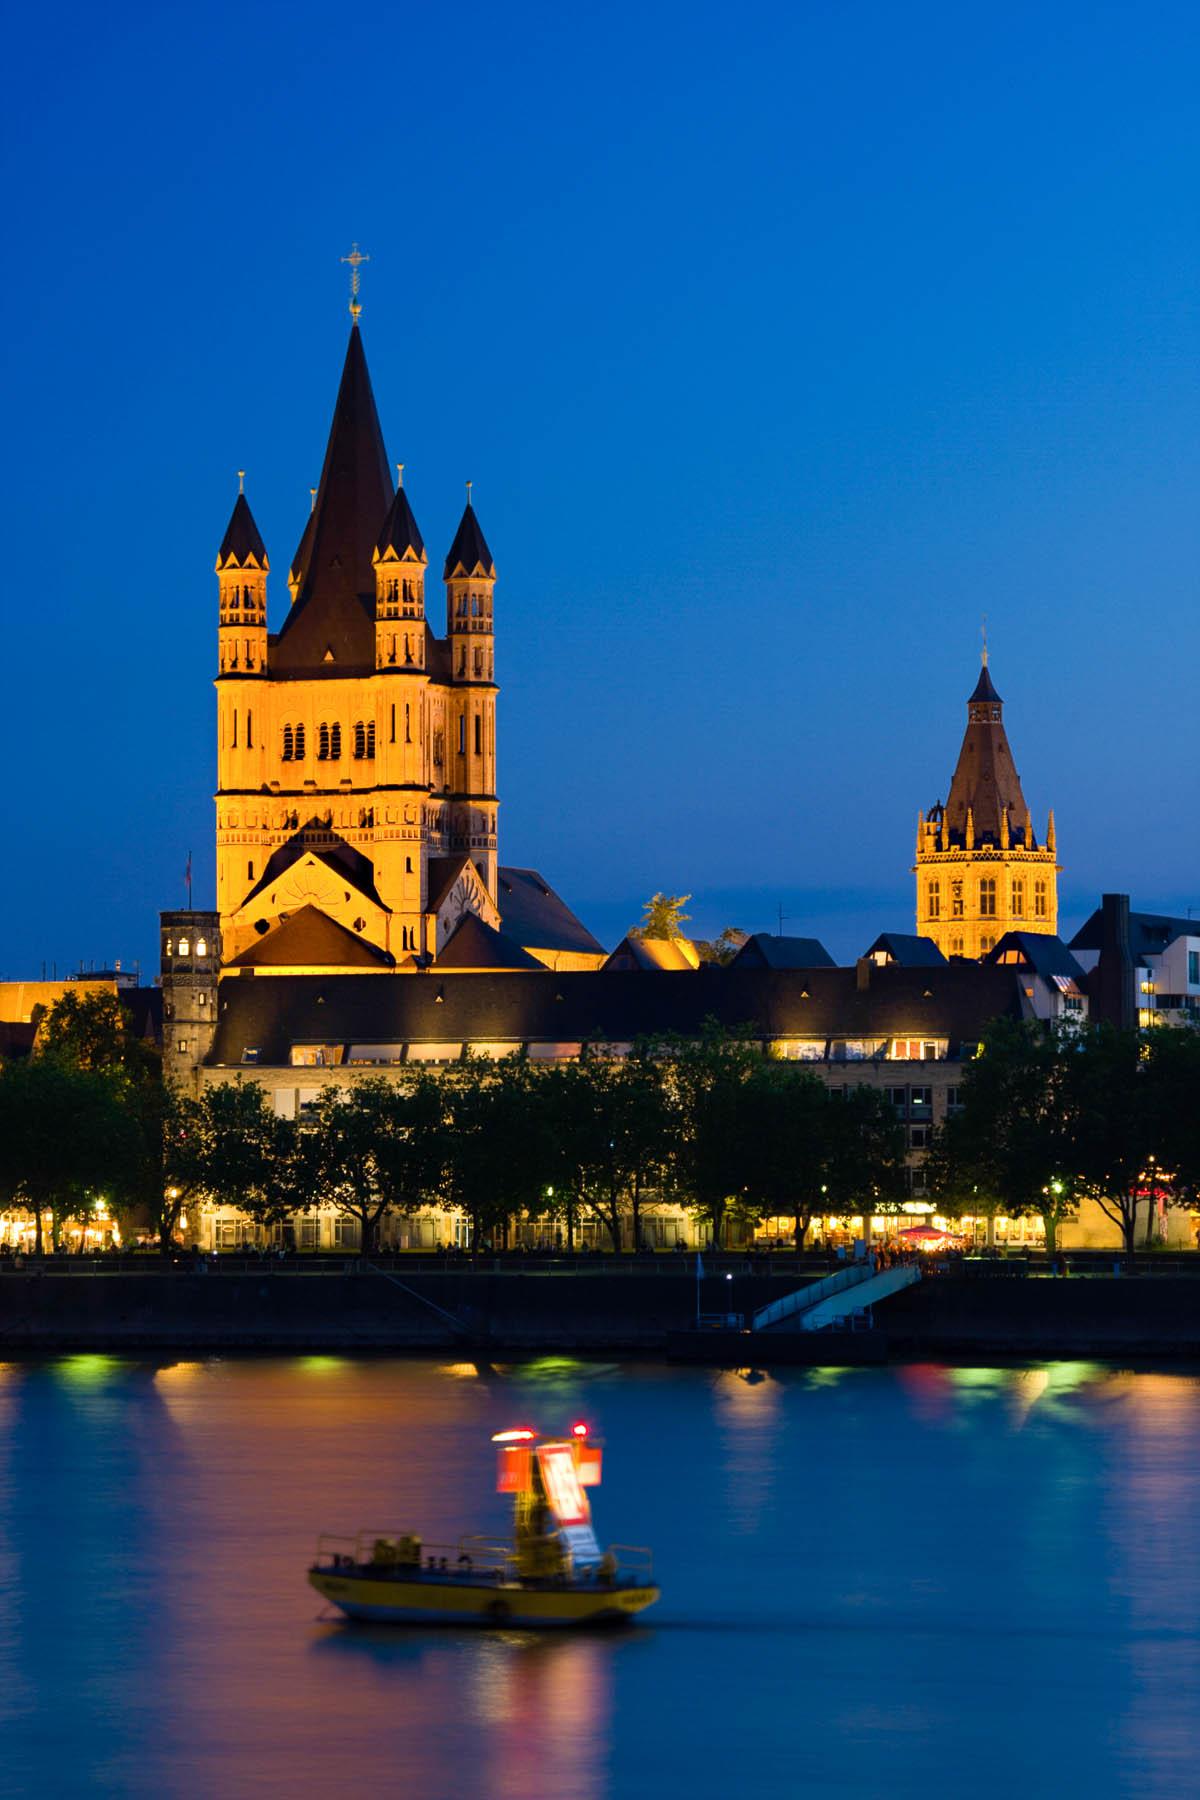 Groß Sankt Martin Kirche am Fischmarkt in Köln